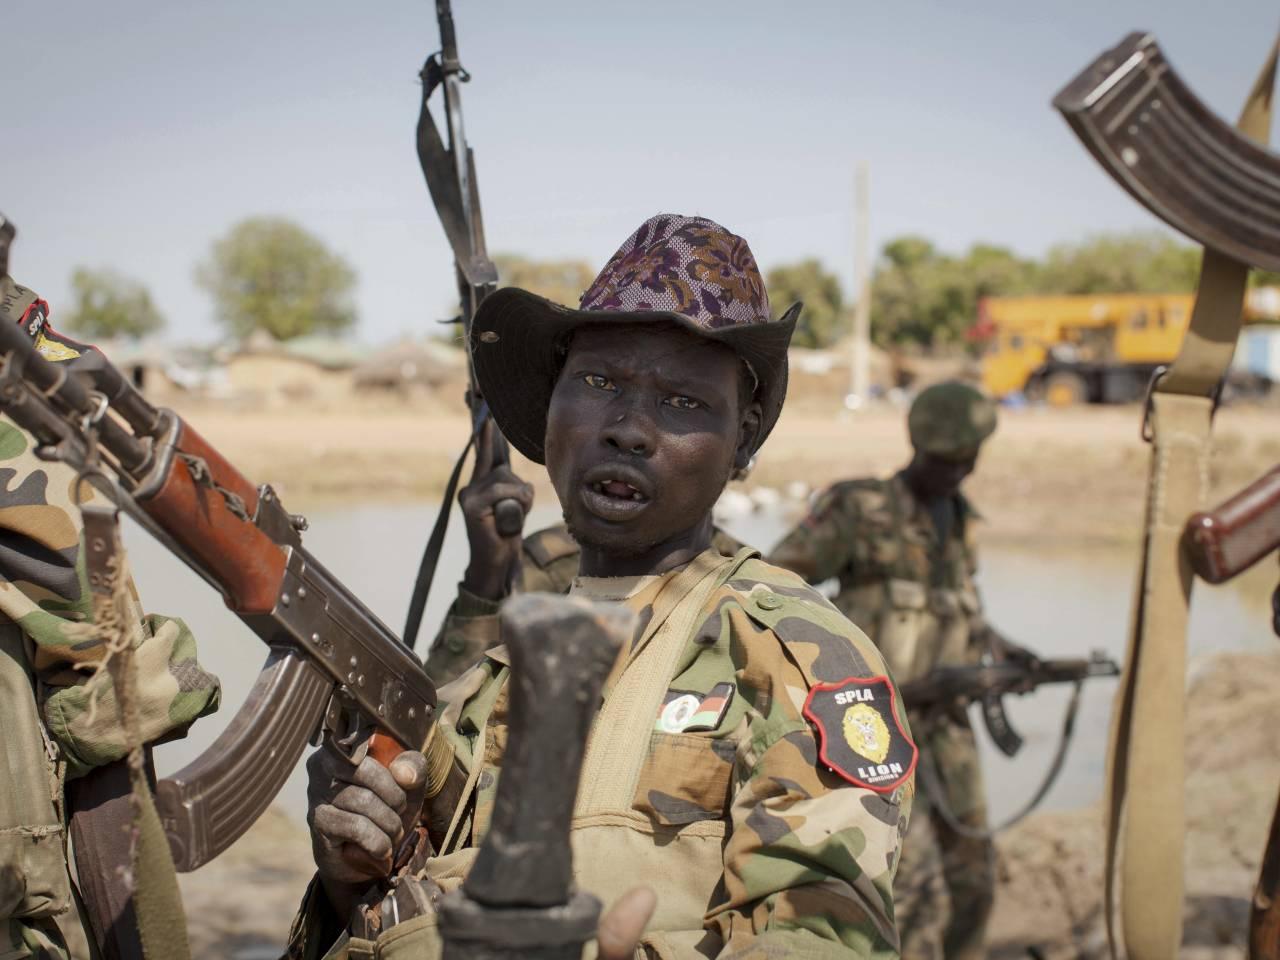 Child soldiers speech